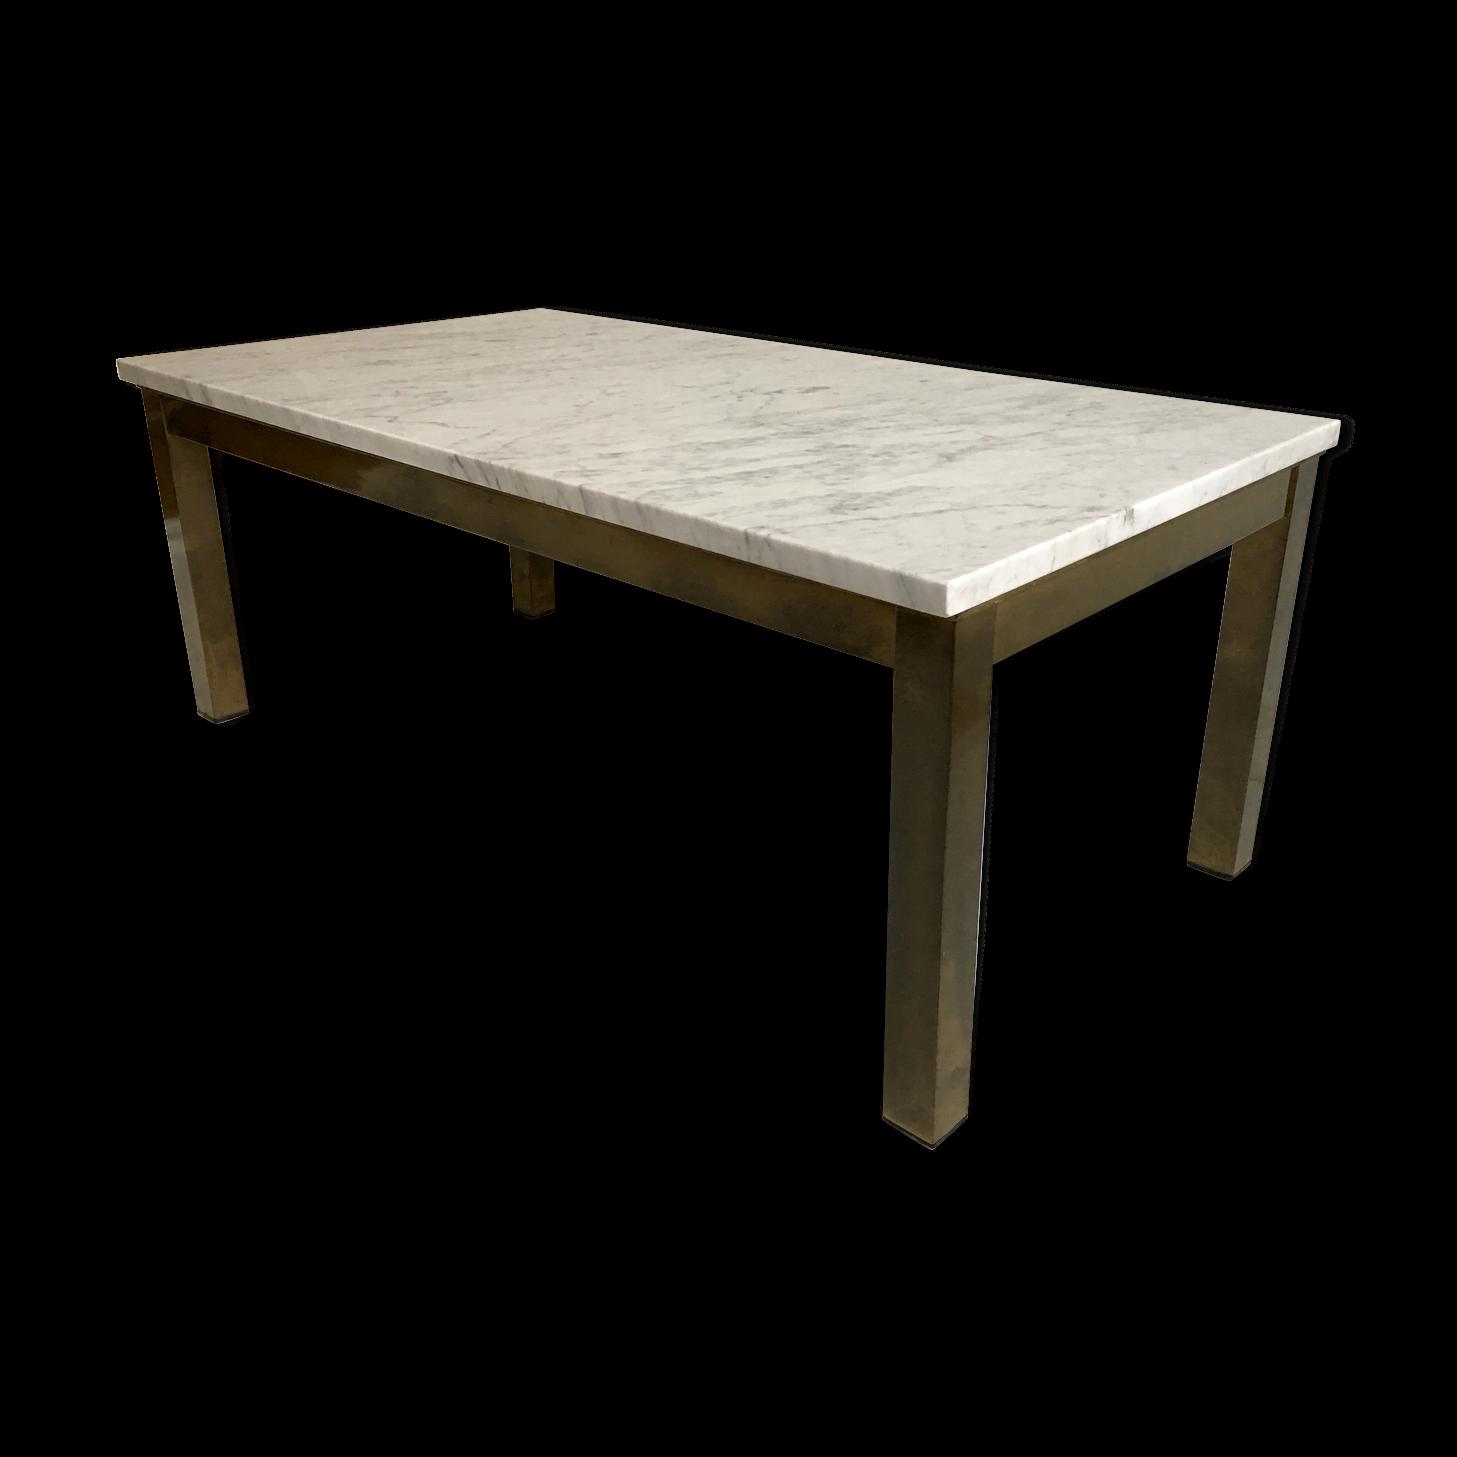 table en marbre ovale great table bistrot marbre ronde intrieur elegant table marbre ronde ides. Black Bedroom Furniture Sets. Home Design Ideas